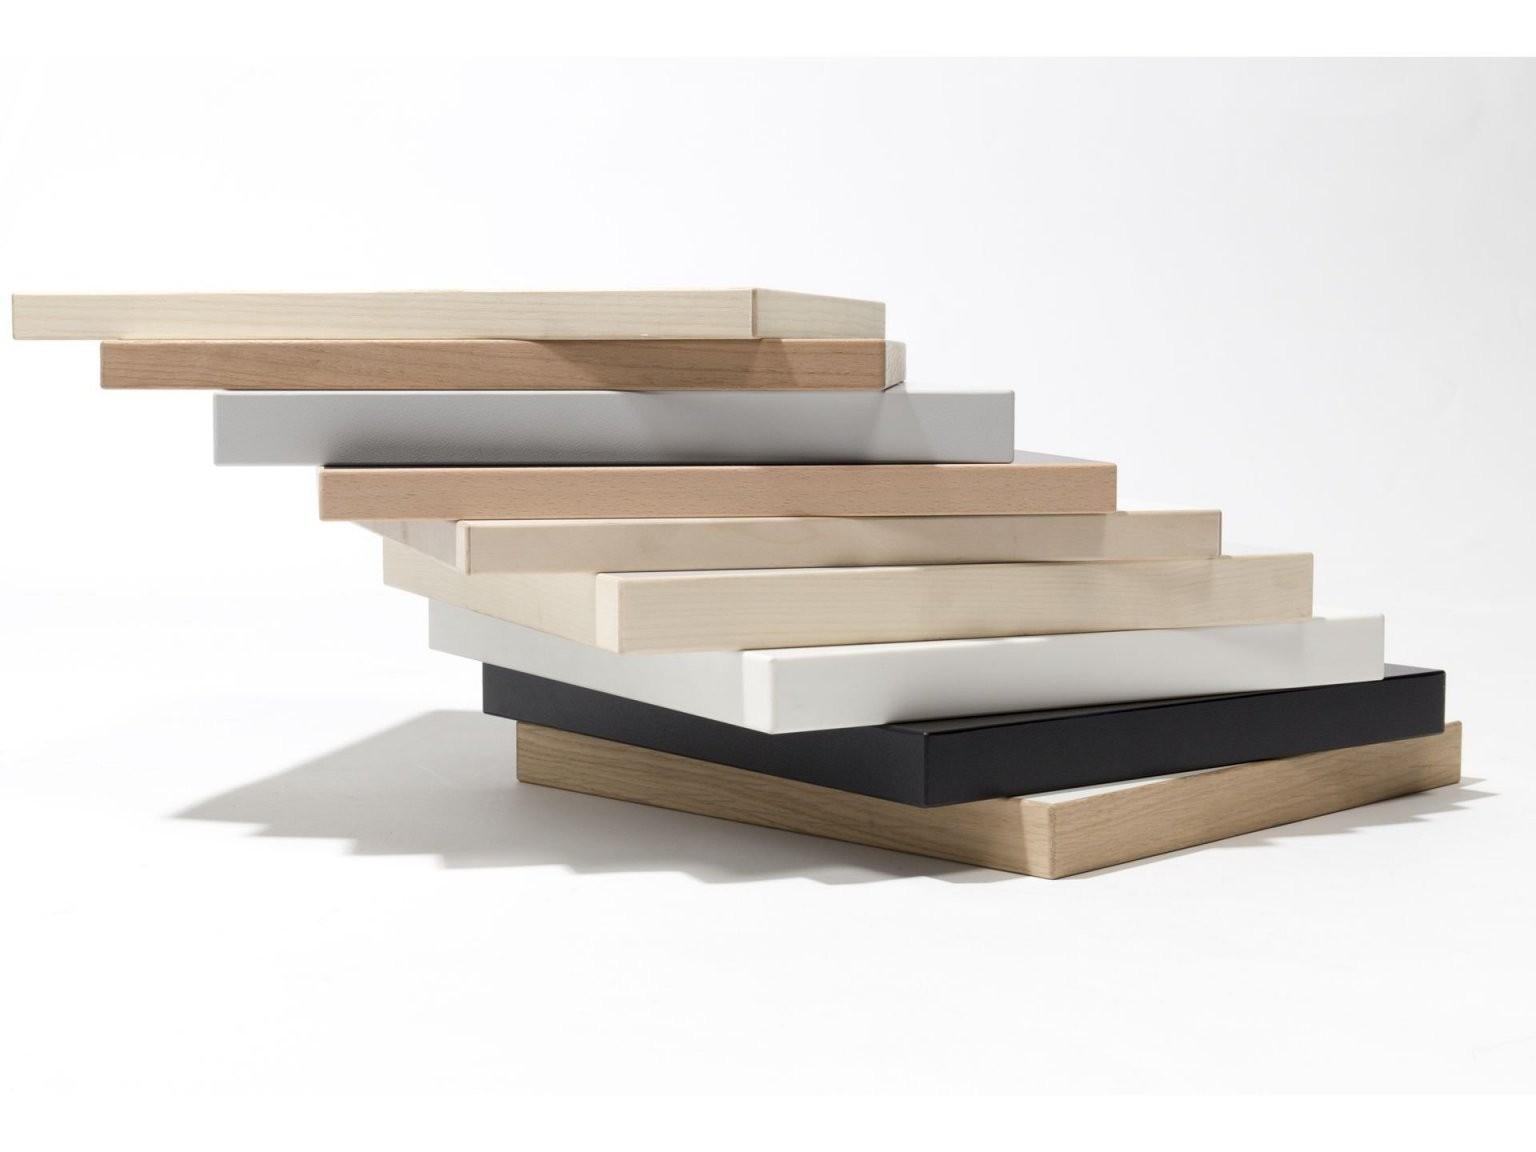 Melamin Tischplatten Im Zuschnitt Oder Standardformat Günstig Kaufen von Tischplatte Nach Maß Kunststoff Bild